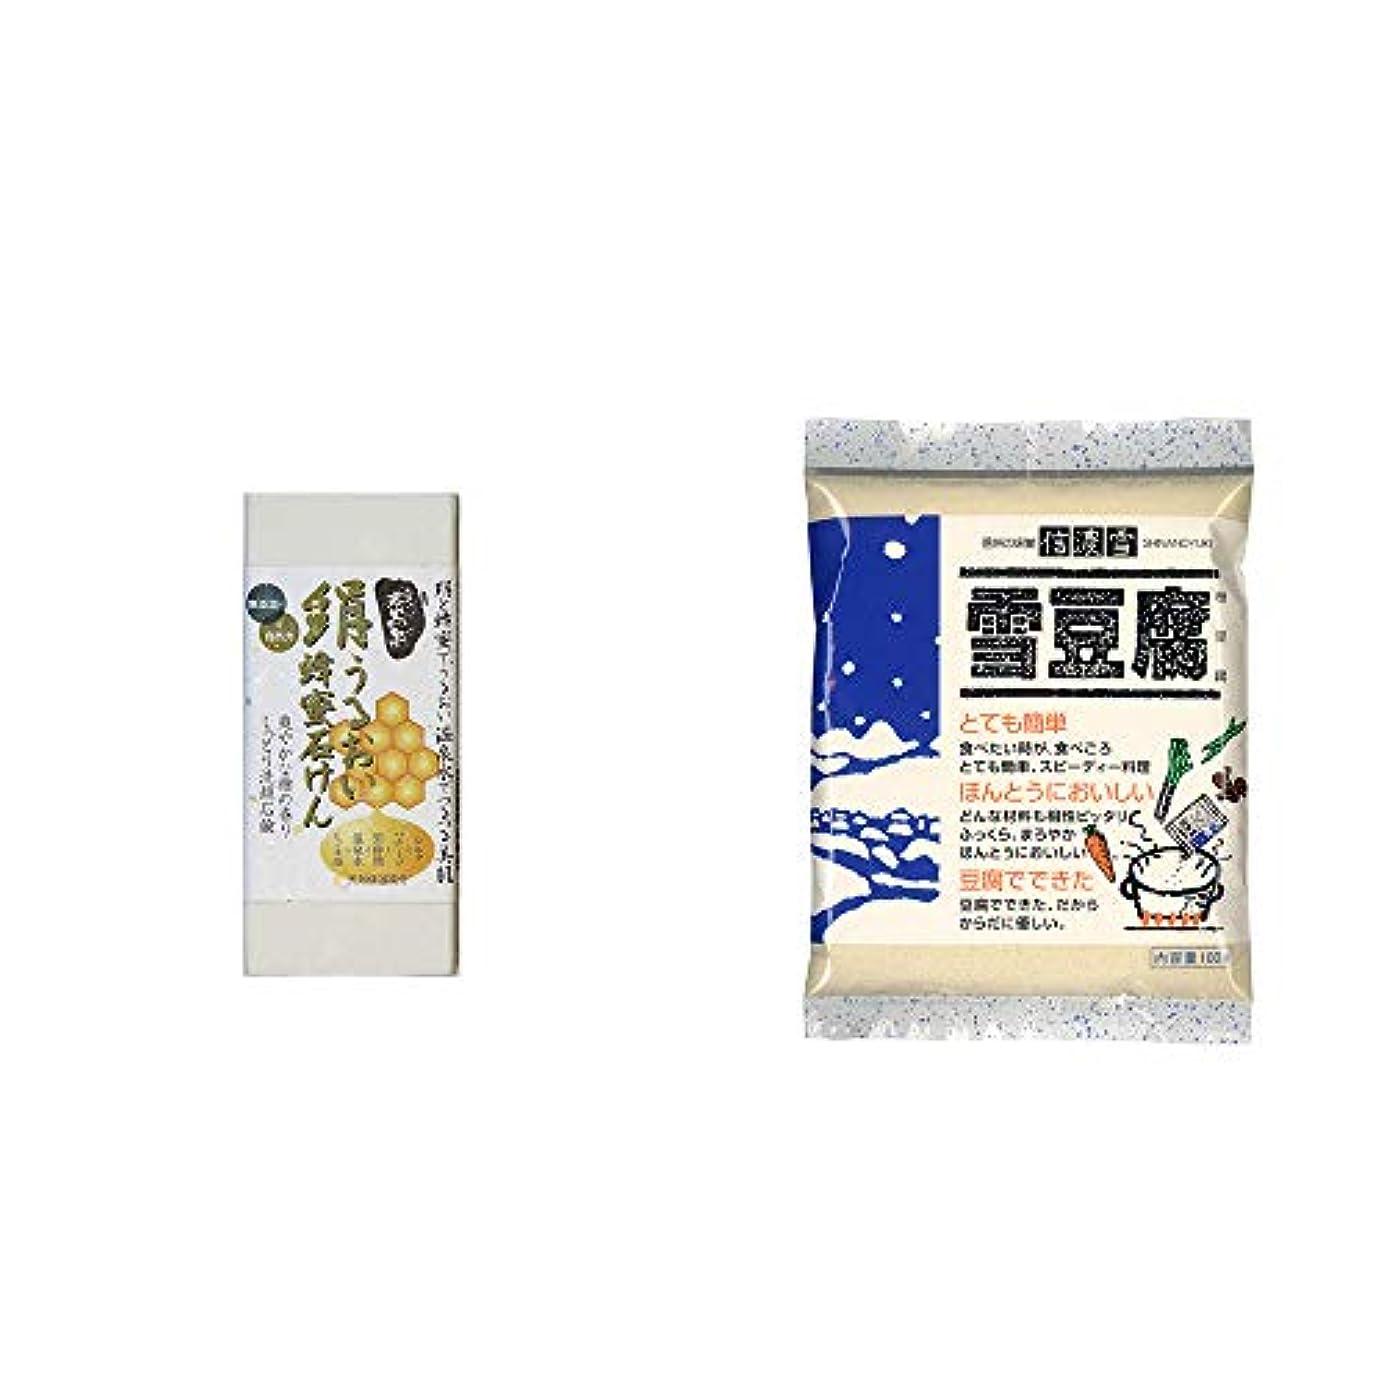 計器スペシャリストペット[2点セット] ひのき炭黒泉 絹うるおい蜂蜜石けん(75g×2)?信濃雪 雪豆腐(粉豆腐)(100g)